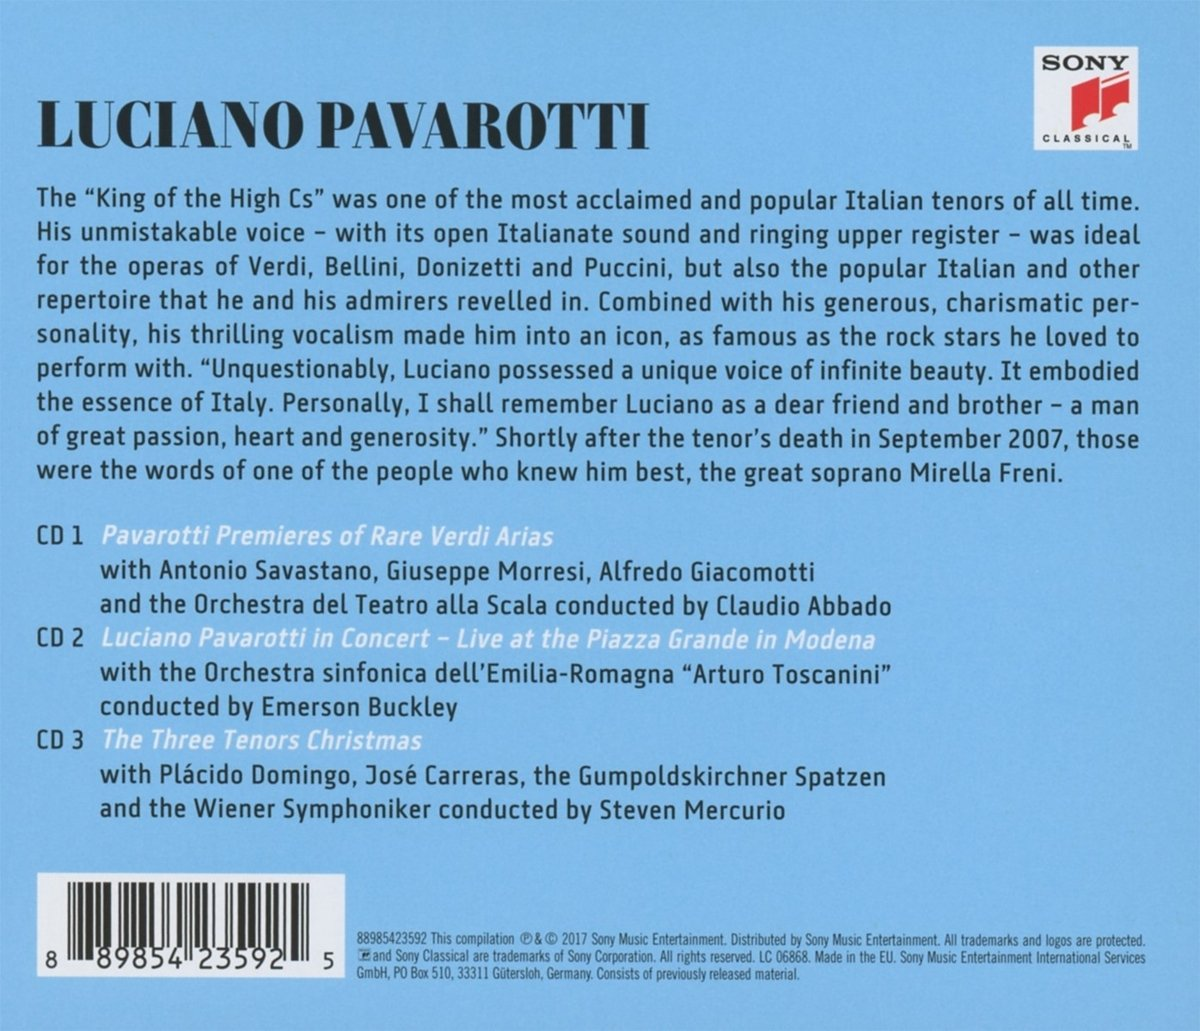 Luciano Pavarotti, The Three Tenors, Gaetano Donizetti, Giacomo Puccini, Giuseppe Verdi, __ - The Great Luciano Pavarotti - Amazon.com Music